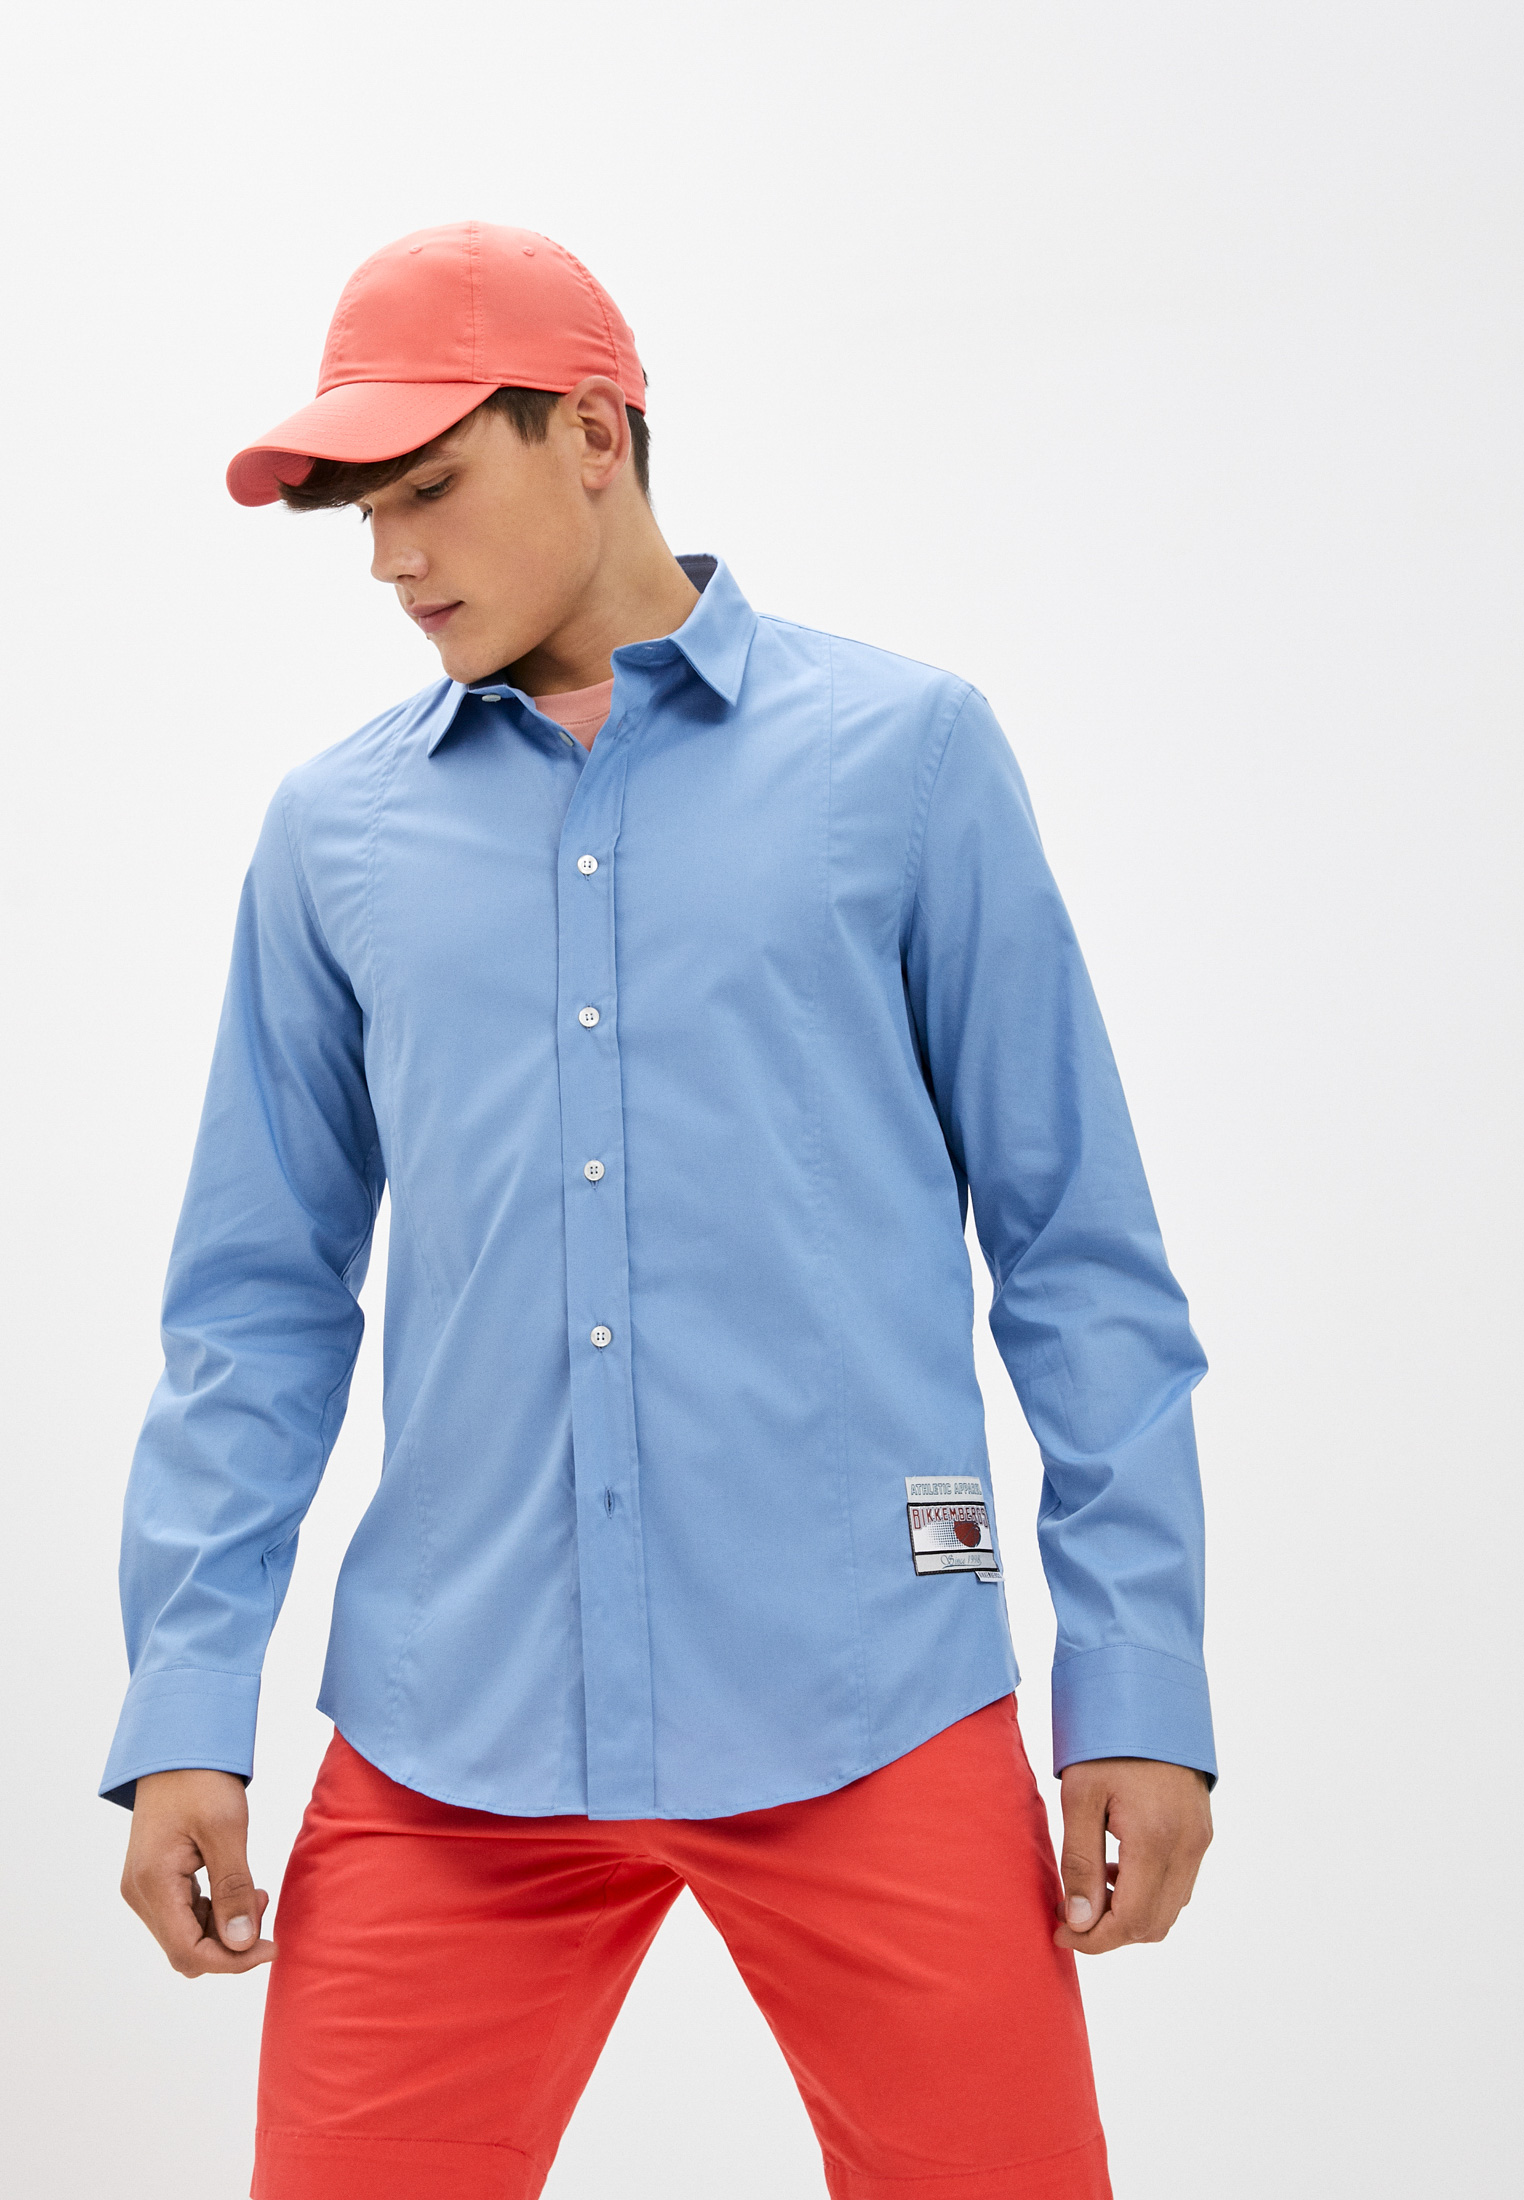 Рубашка с длинным рукавом Bikkembergs (Биккембергс) C C 073 00 S 2931: изображение 1